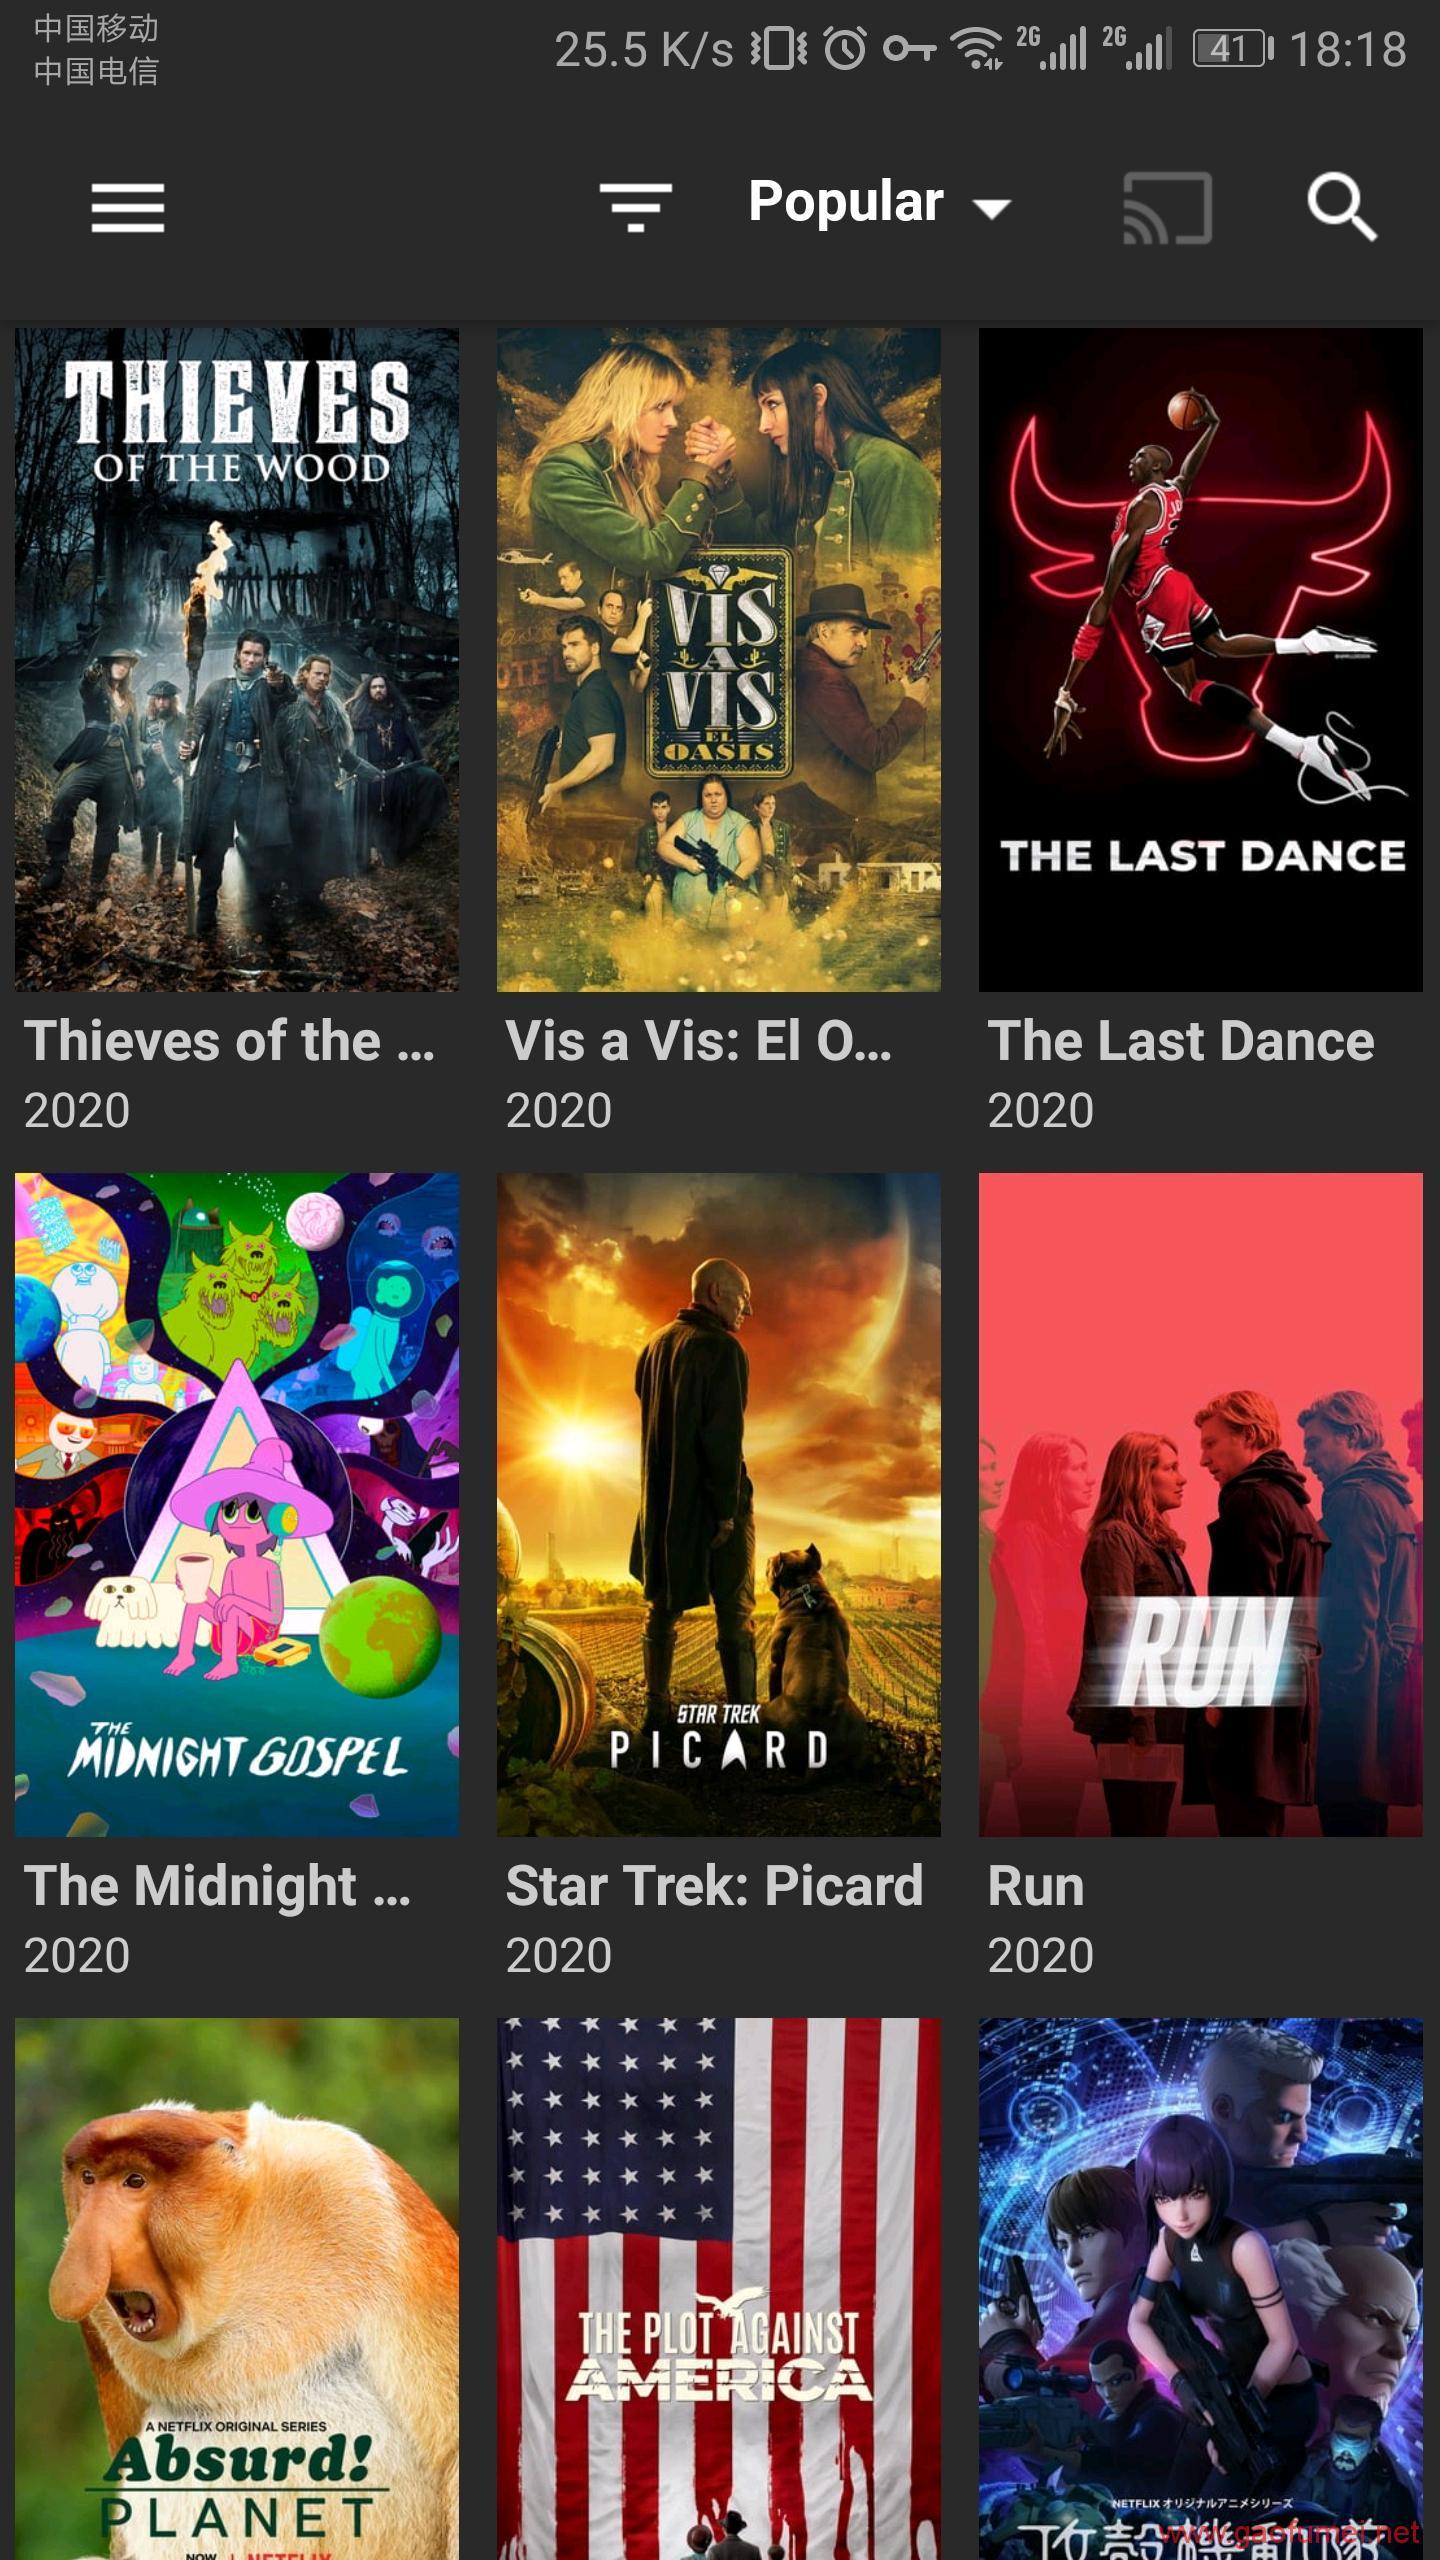 最新奈飞,网飞(Netflix)镜像APP:Netflix by APKFolks_7.49下载,亲测可用哦! 安卓版软件下载 第2张-泥人传说